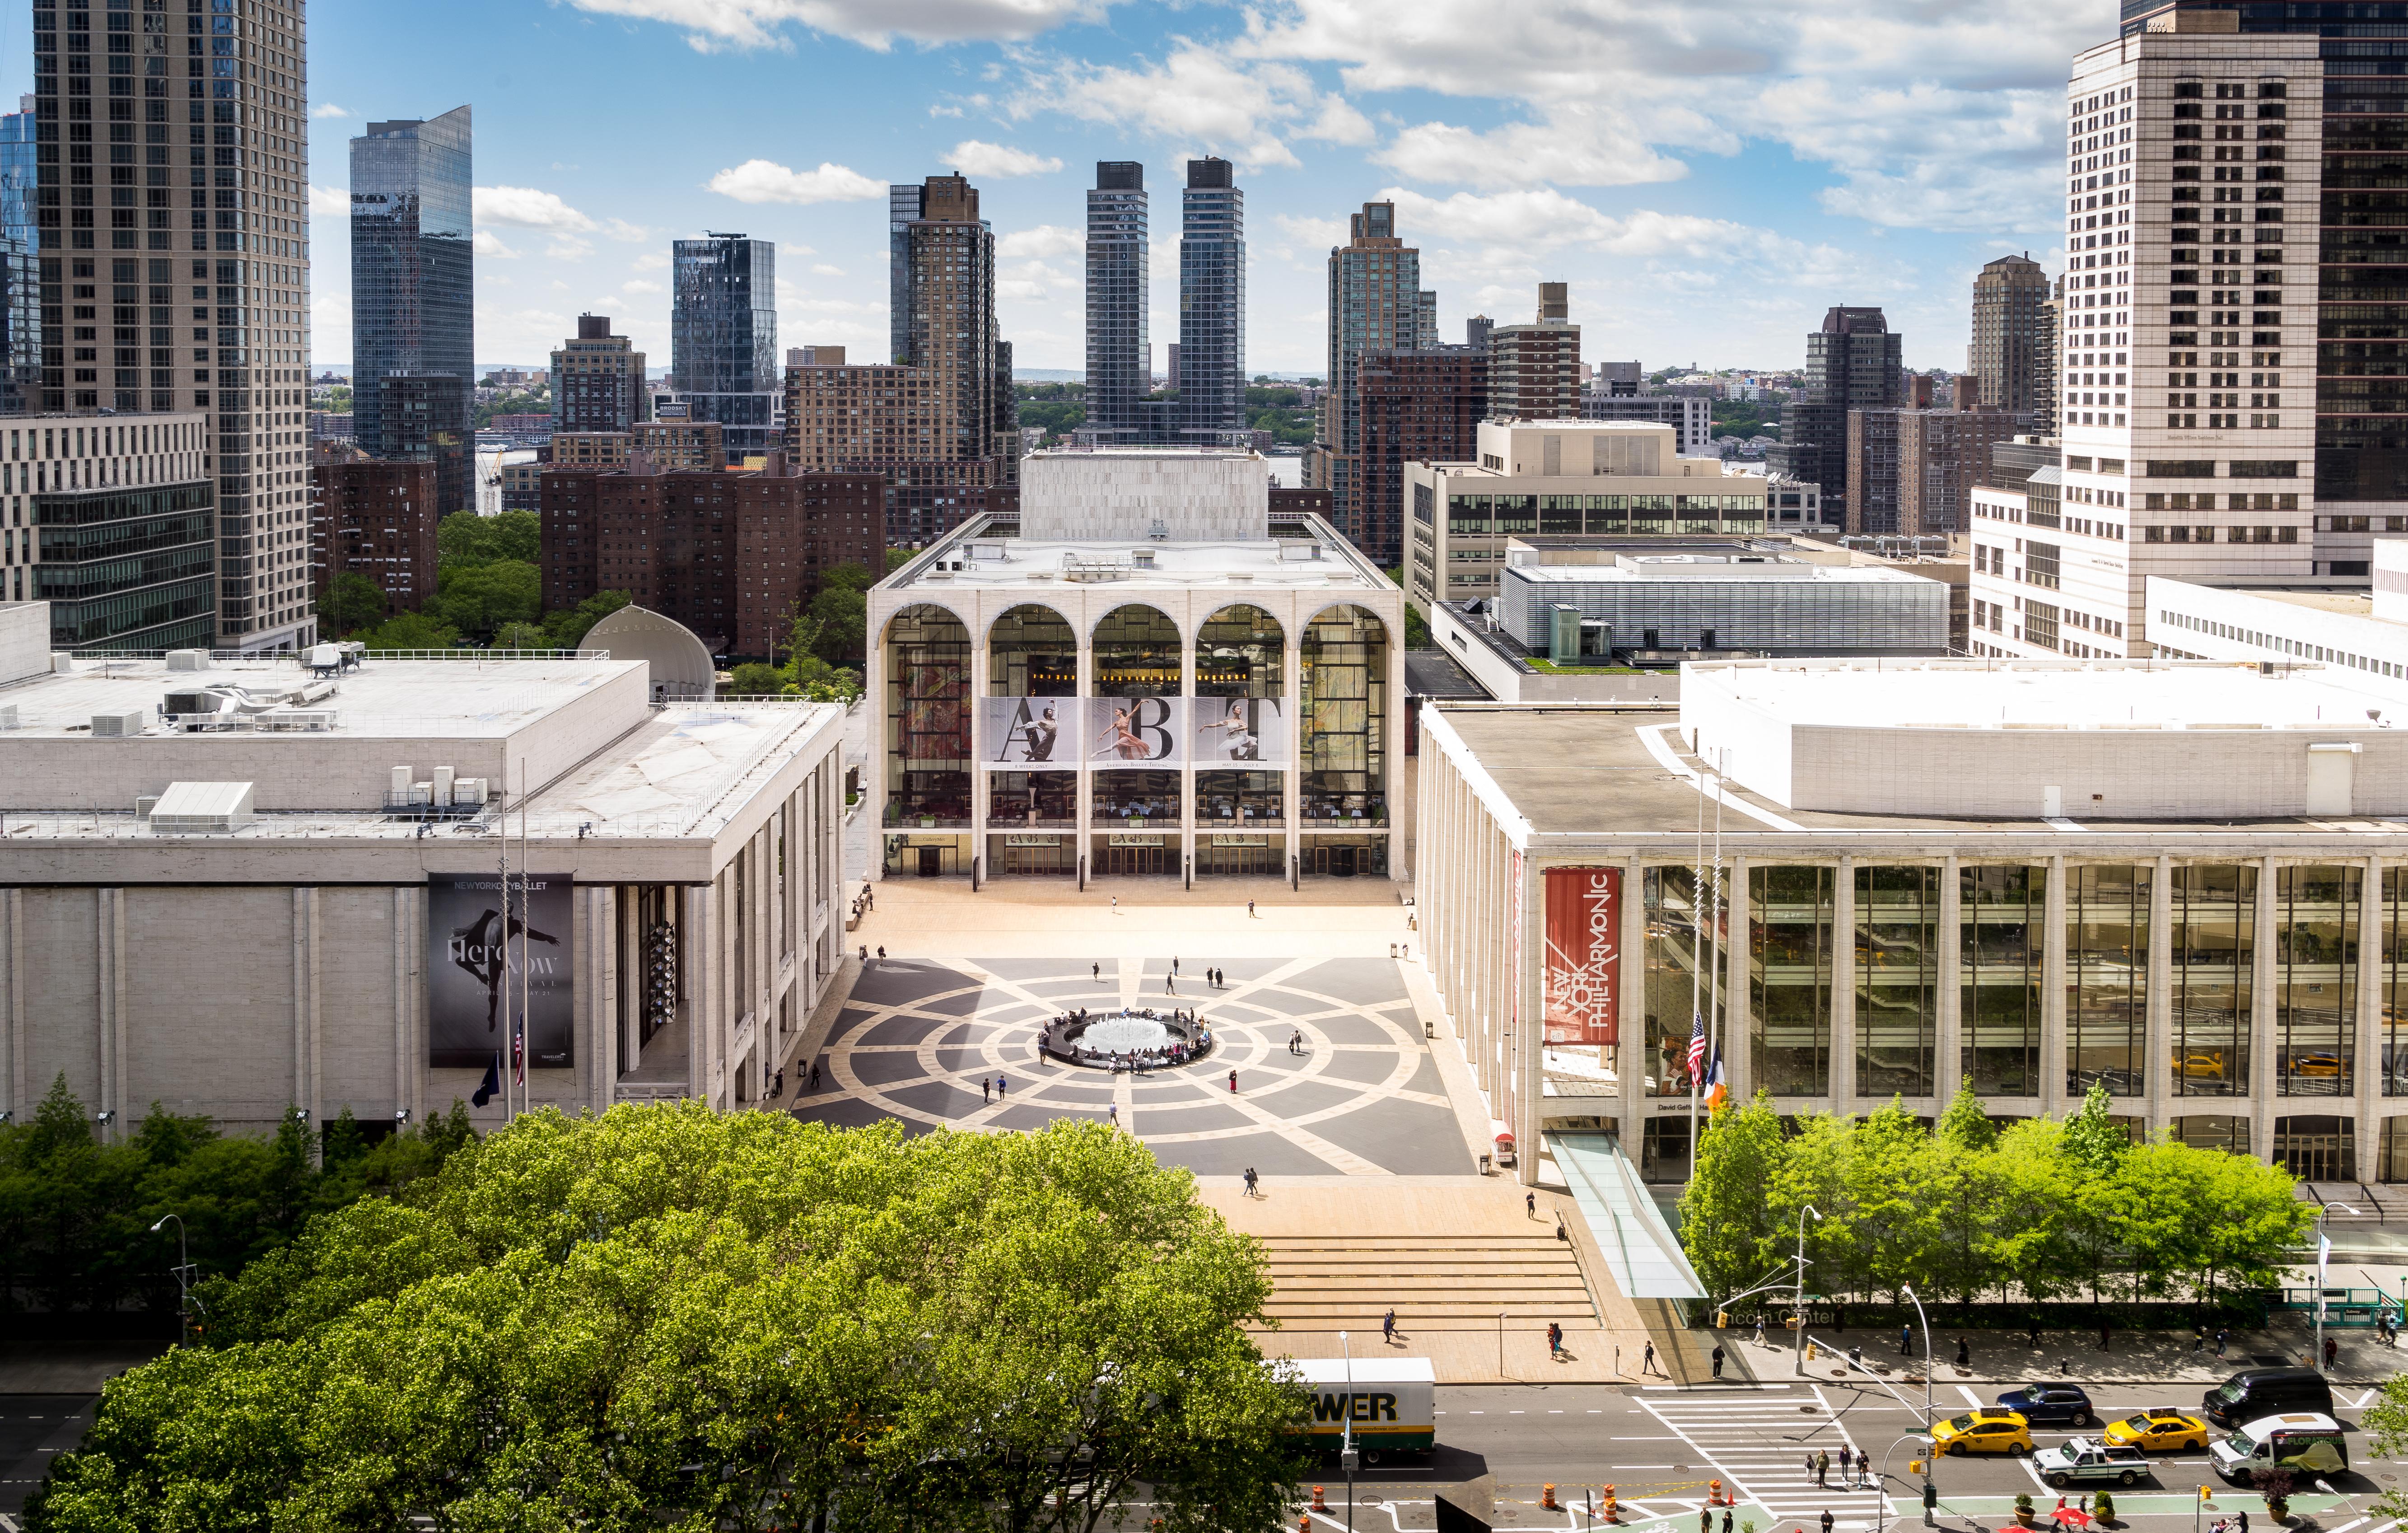 Famed Lincoln Center sculpture won't return after $550M renovation